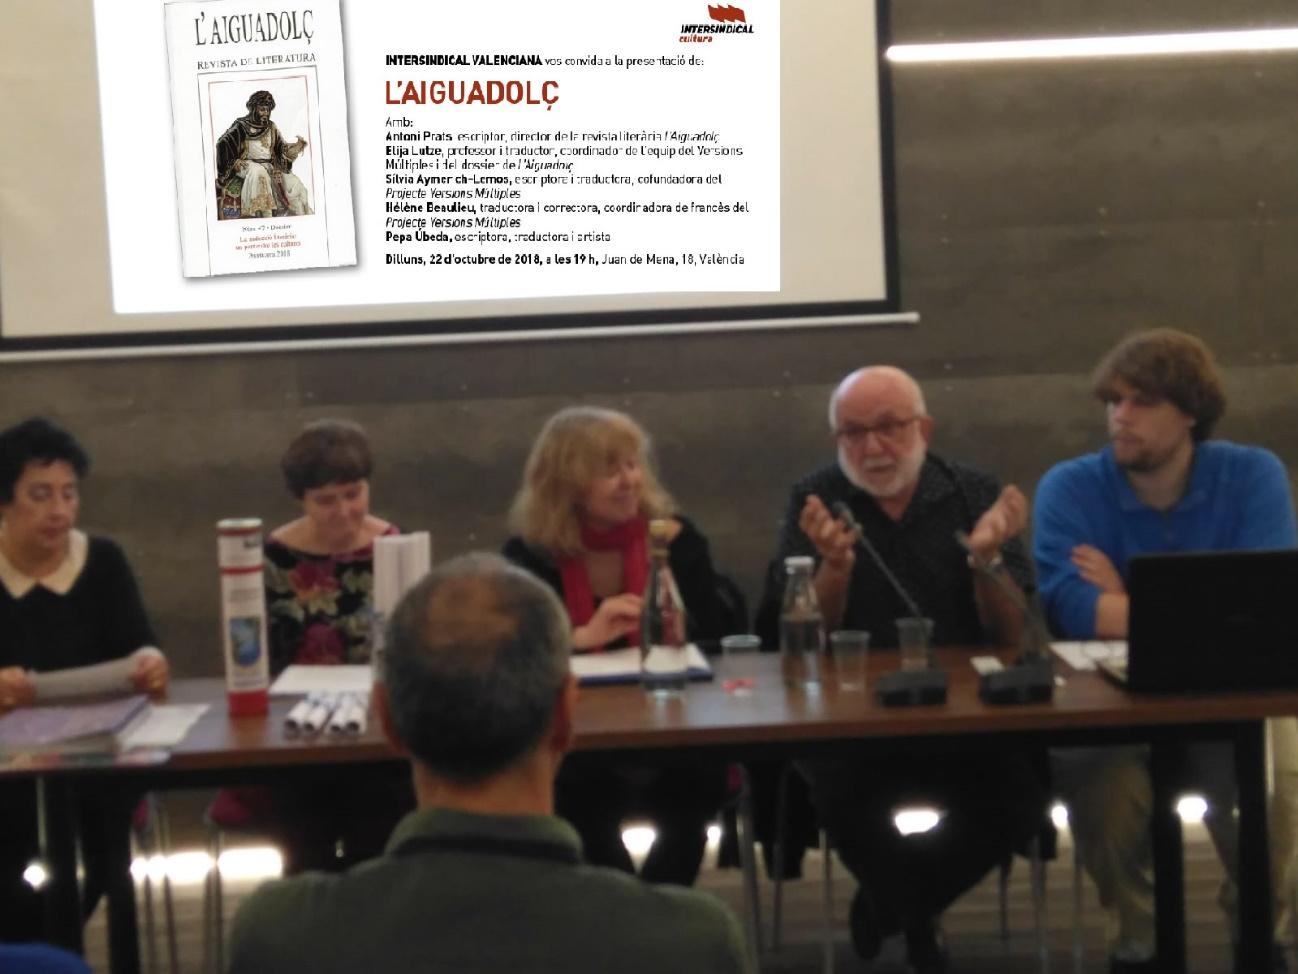 D'esquerra a dreta, Pepa übeda, Hélène Beaulieu, Sílvia Aymerich, Antoni Prats i Elija Lutze. Foto de Manuela Latorre